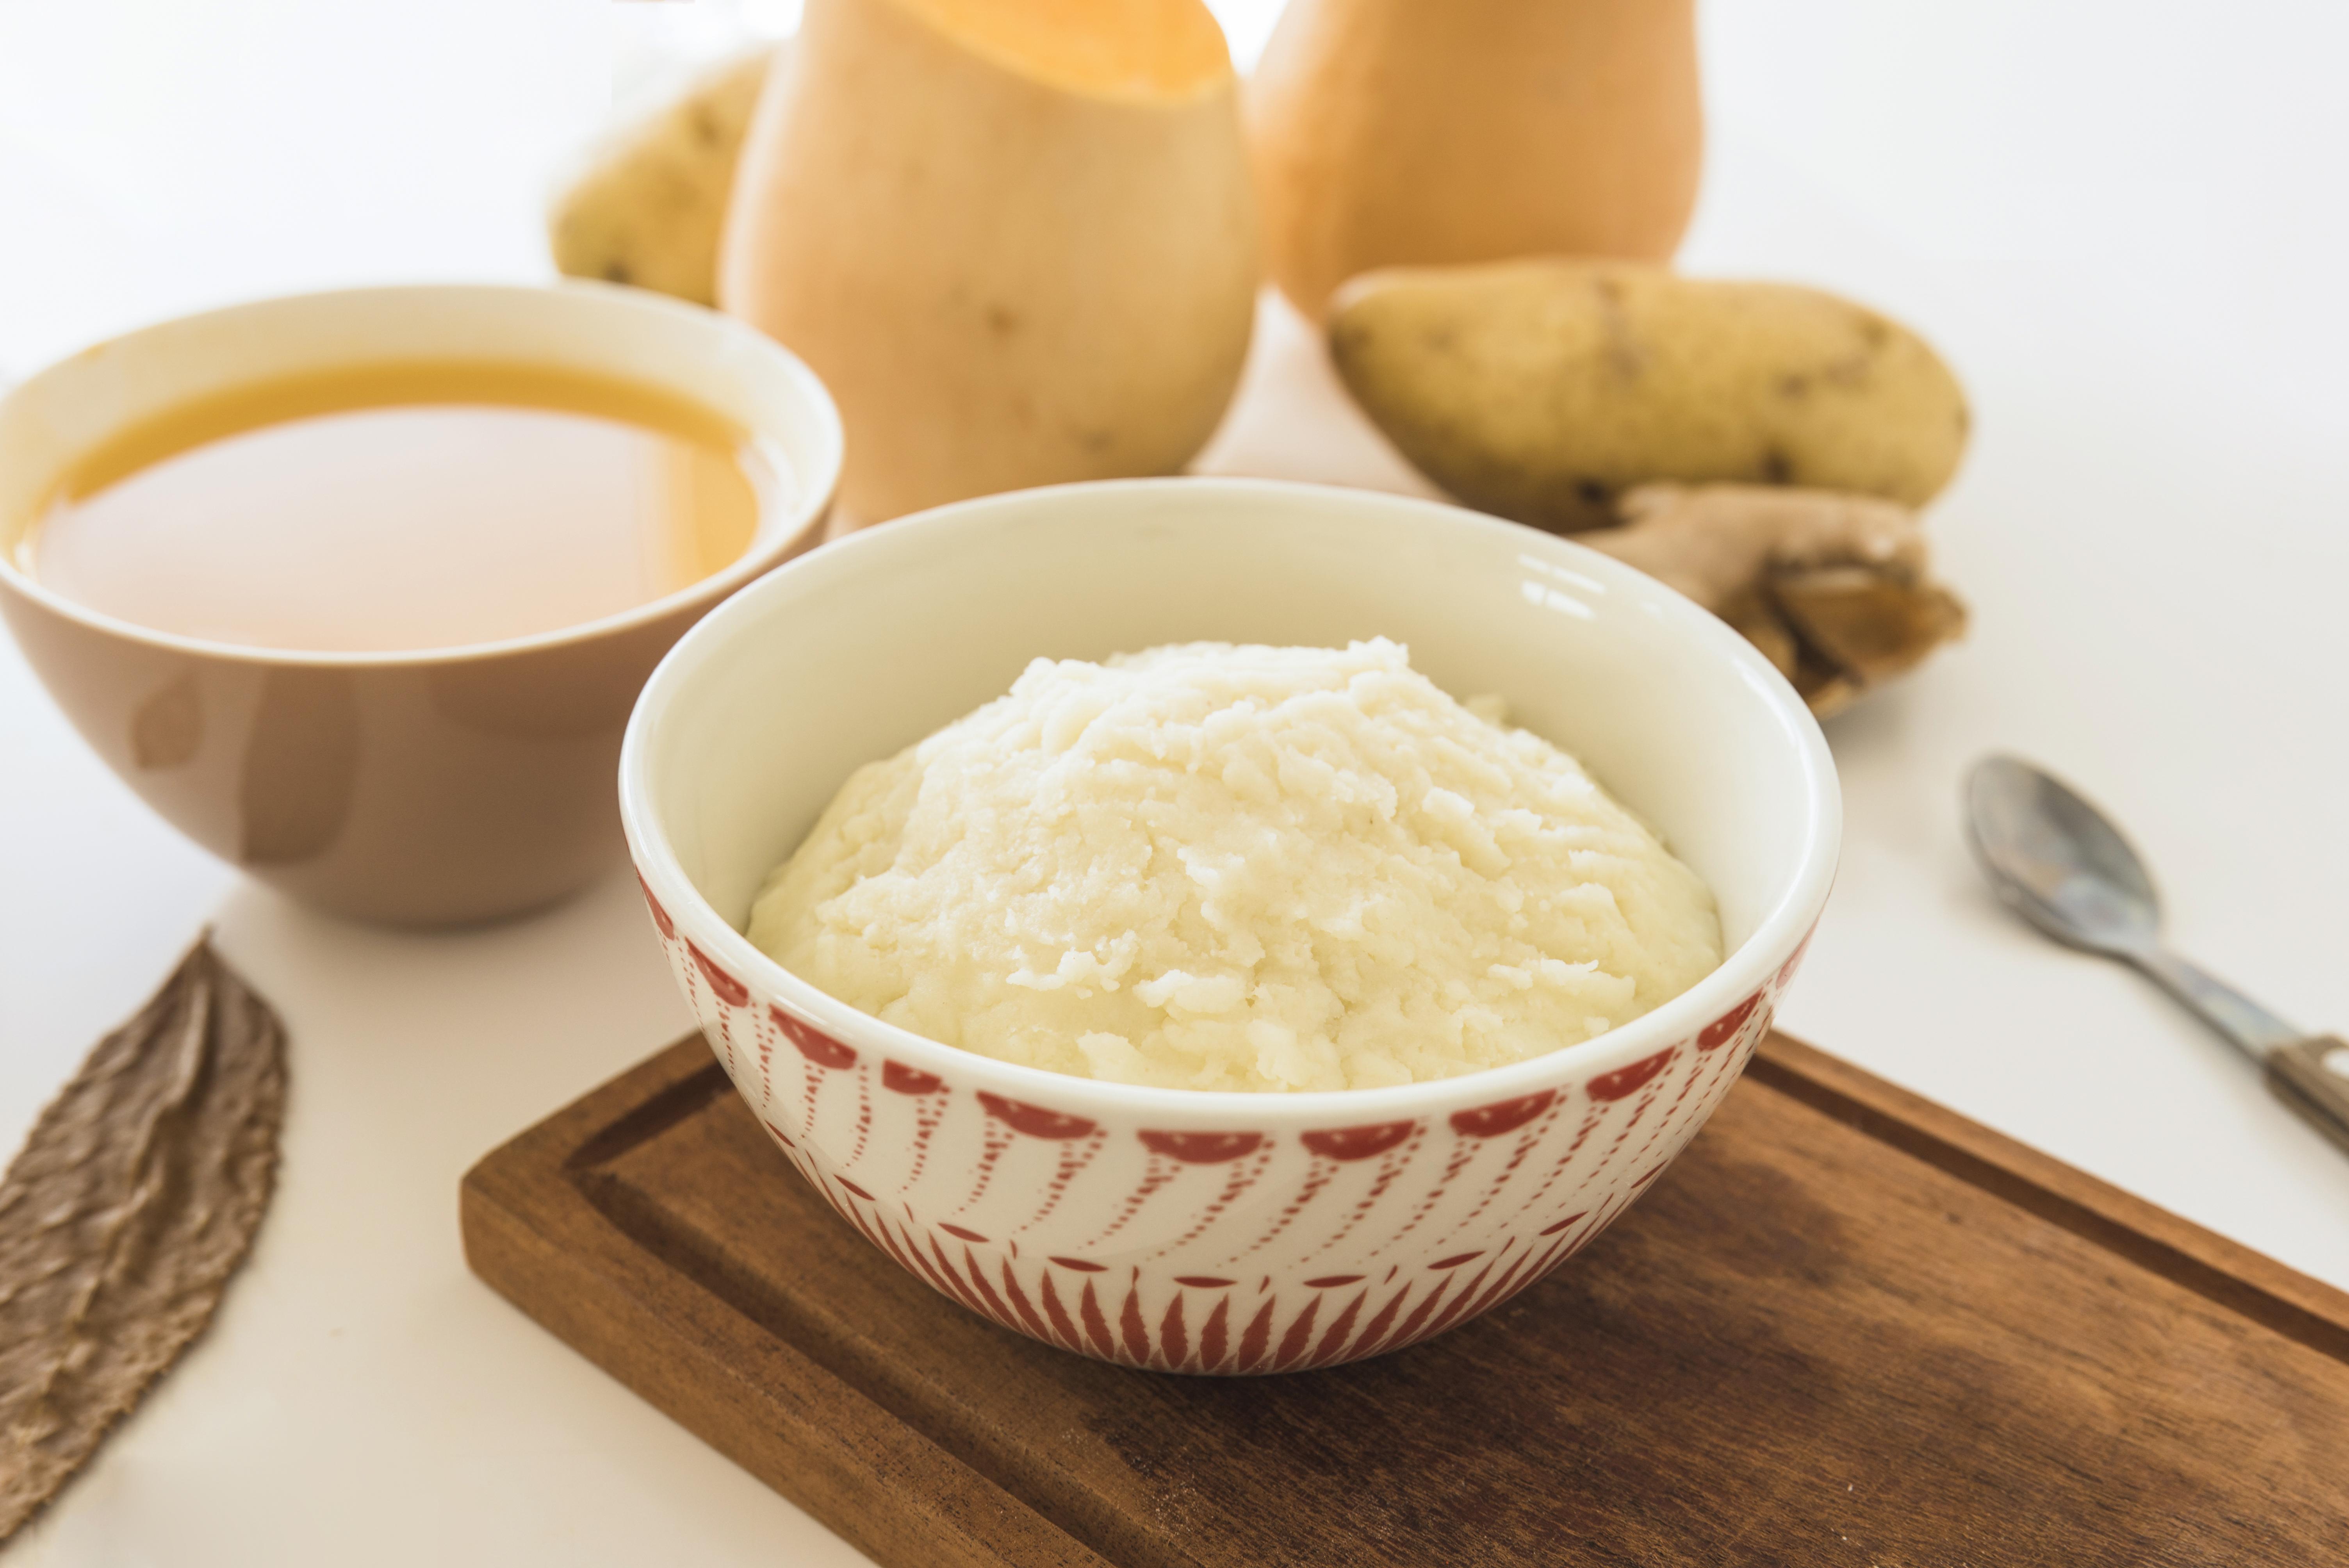 Как сделать картофельное пюре блендером фото 218